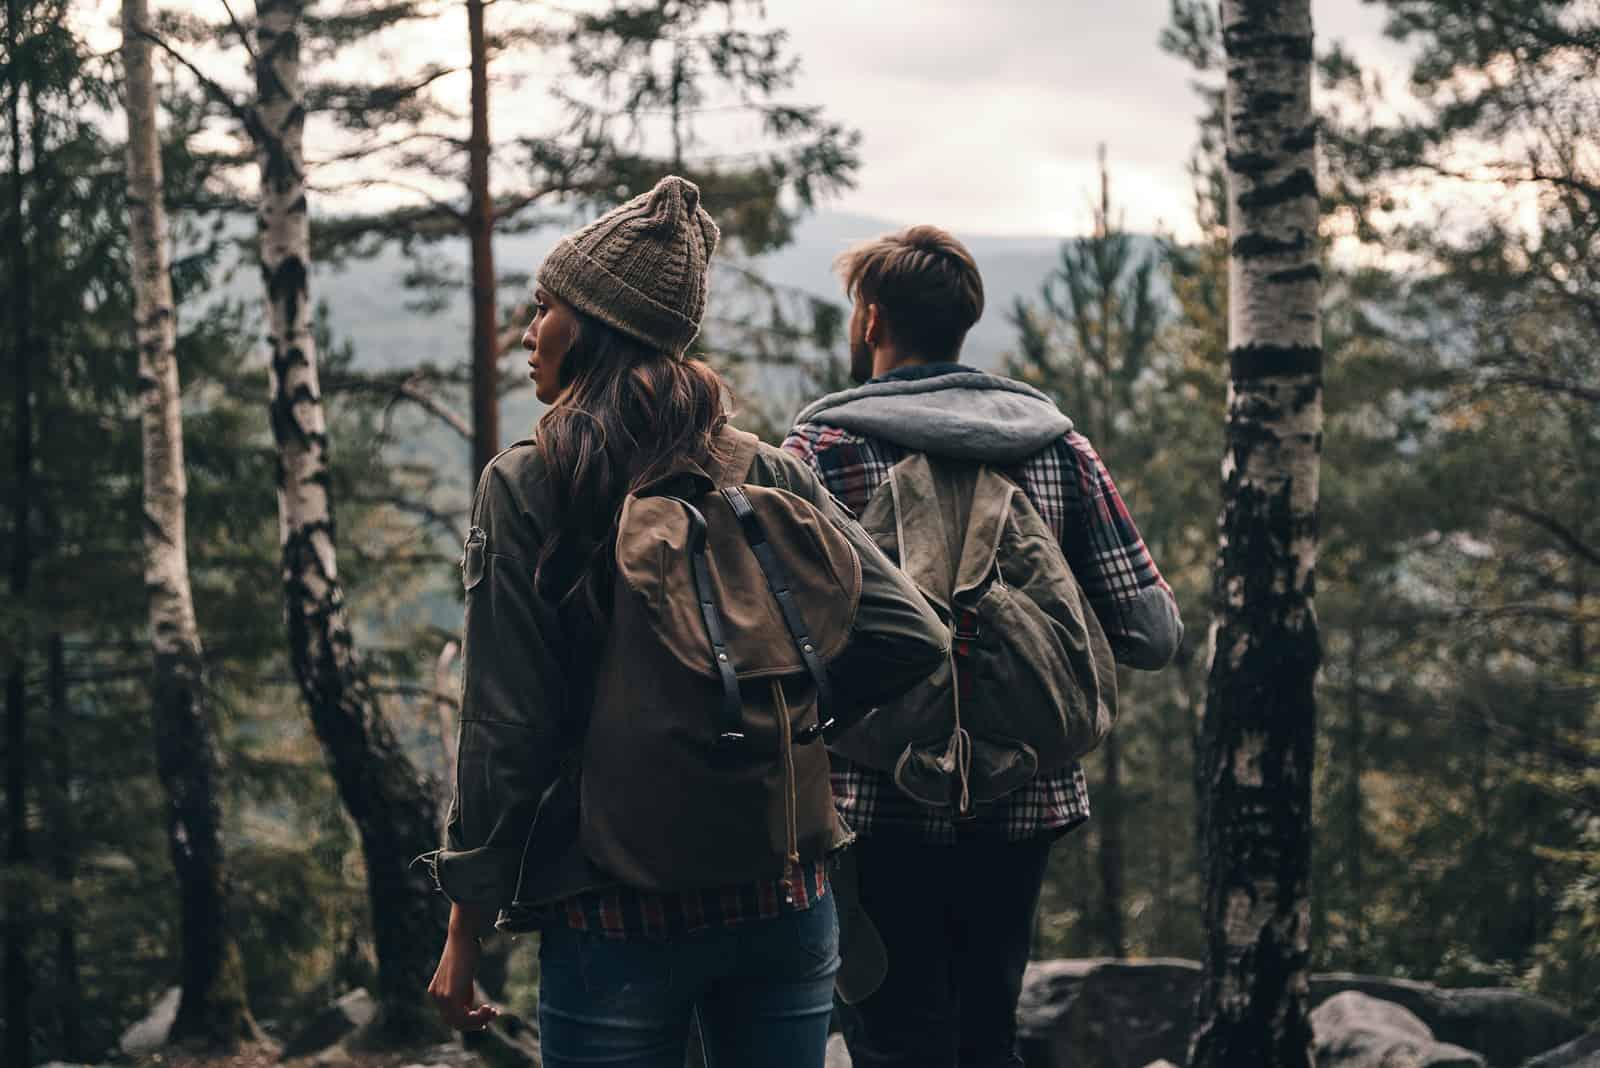 junges Paar, das beim gemeinsamen Wandern im Wald steht und wegschaut